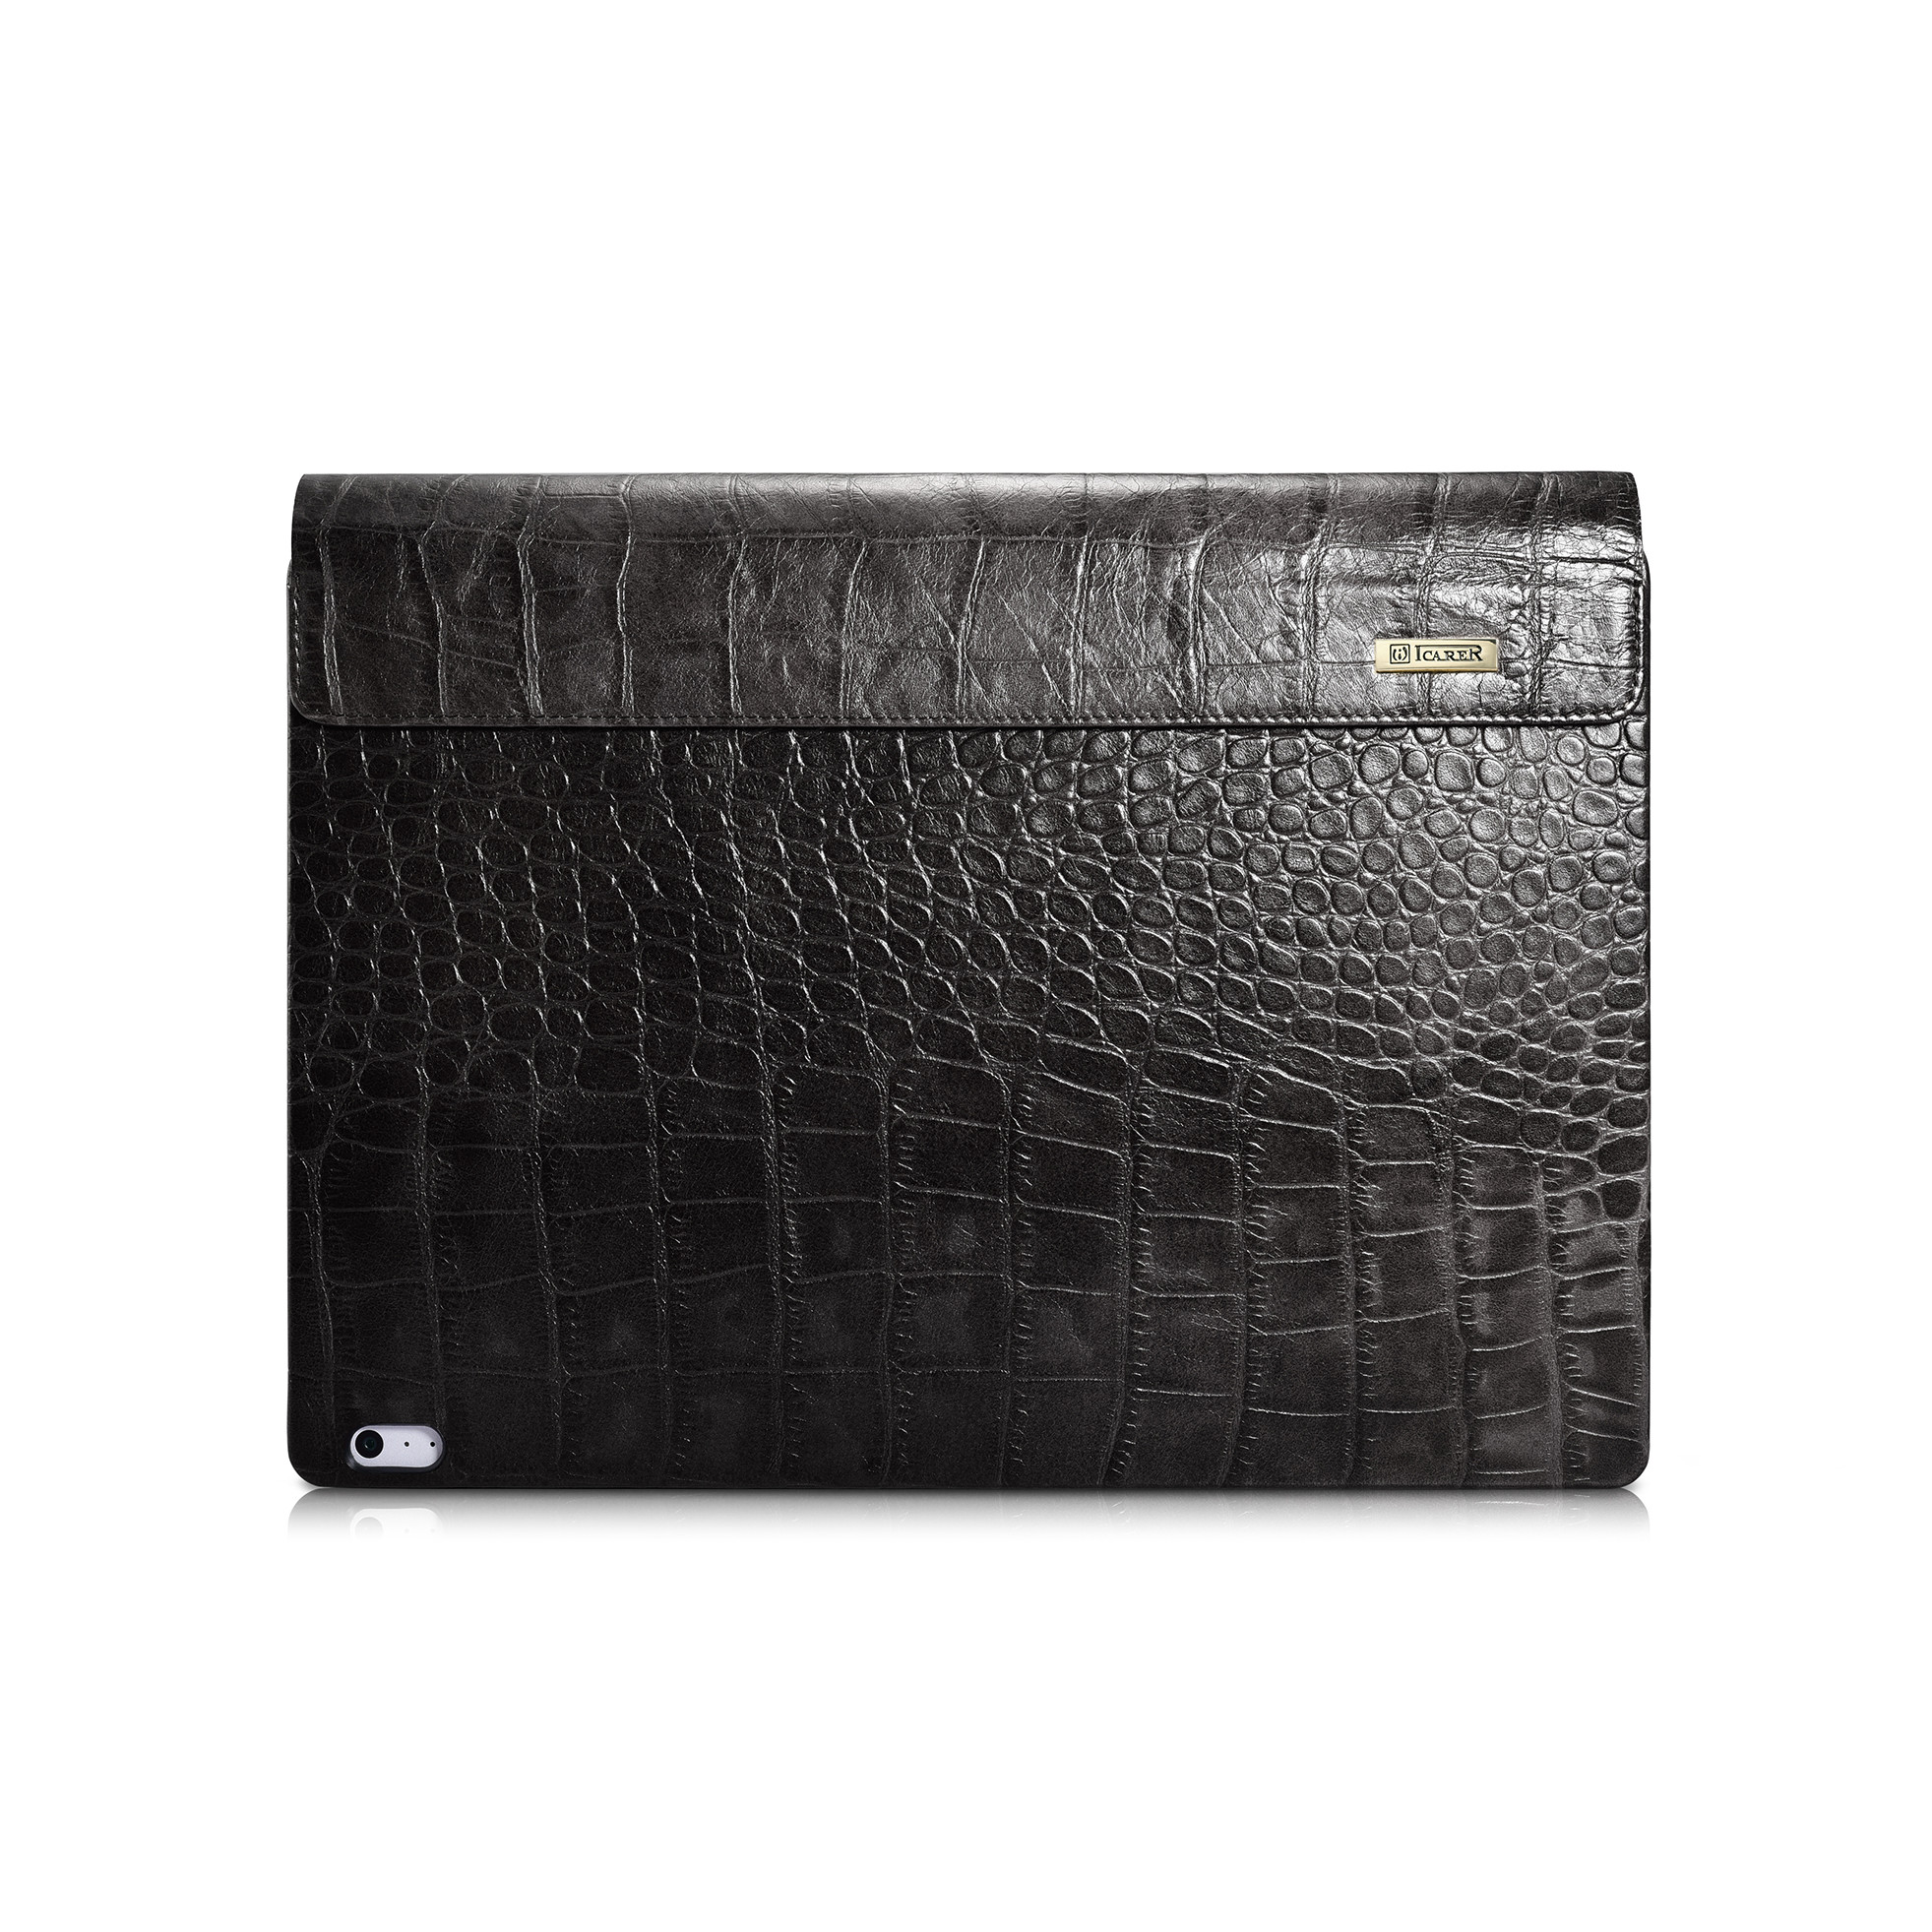 Ốp da Surface Book 13 inch ICARER - Hàng chính hãng